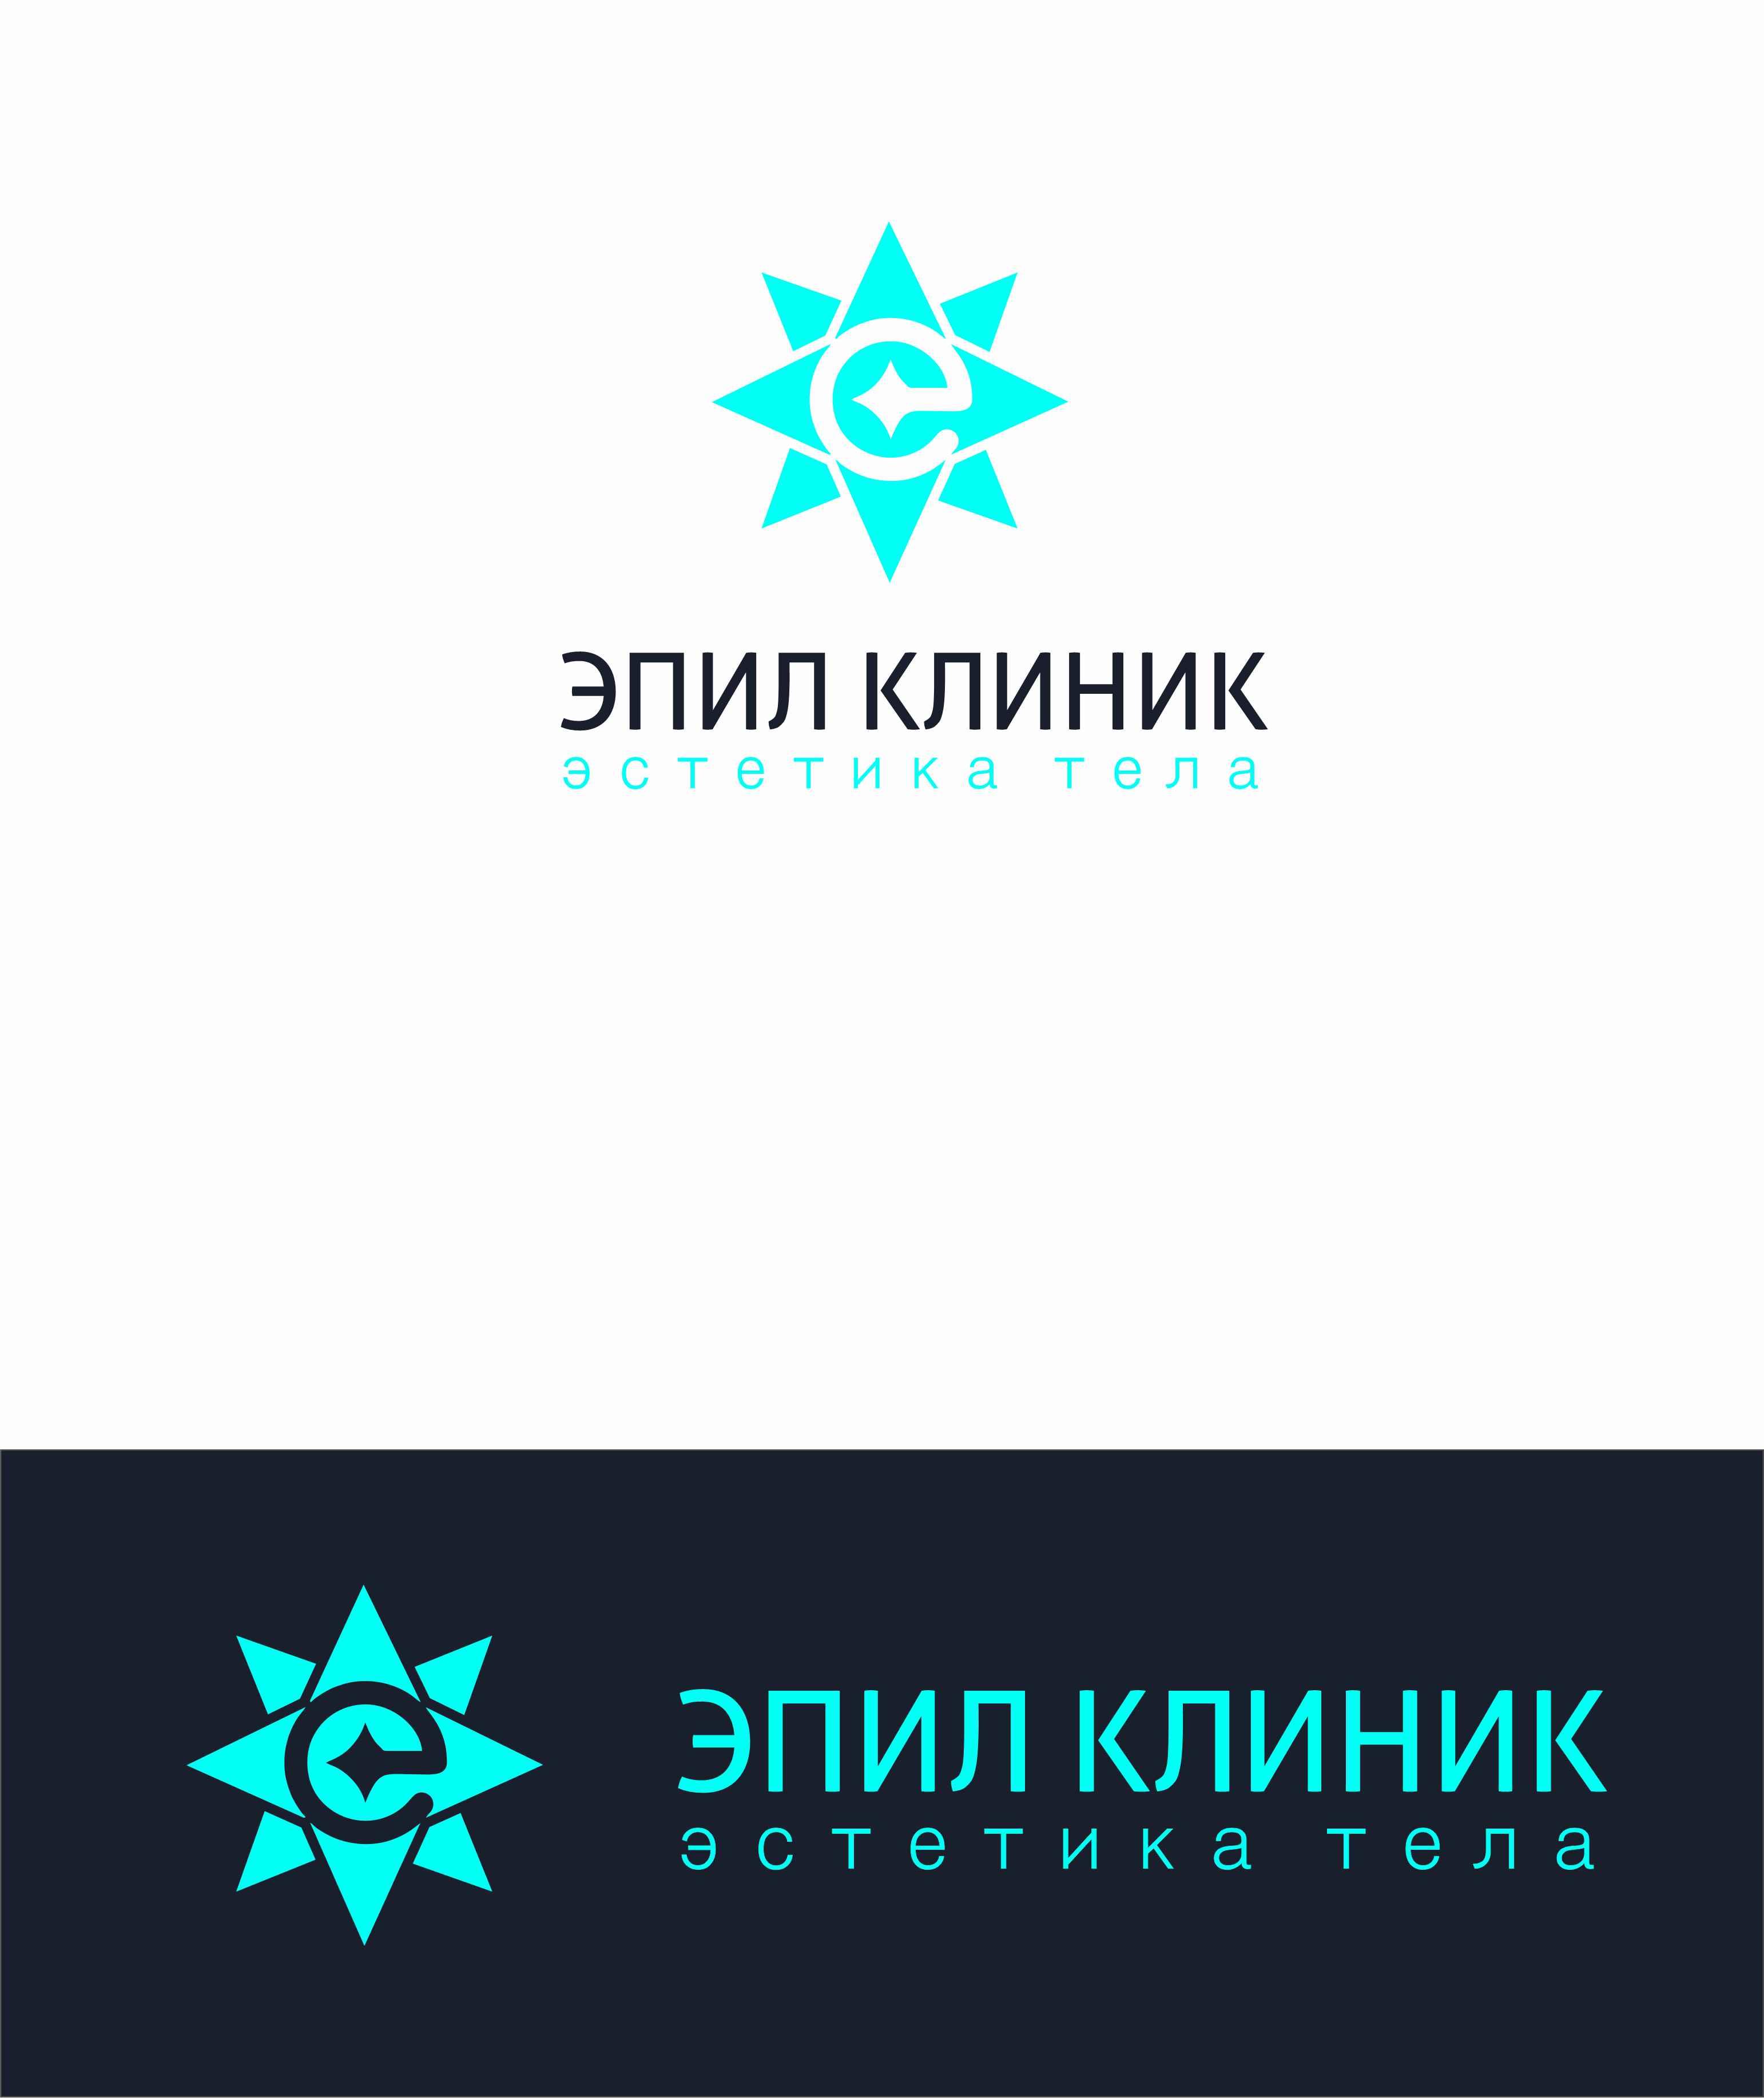 Логотип , фирменный стиль  фото f_3335e19d250b83b2.jpg